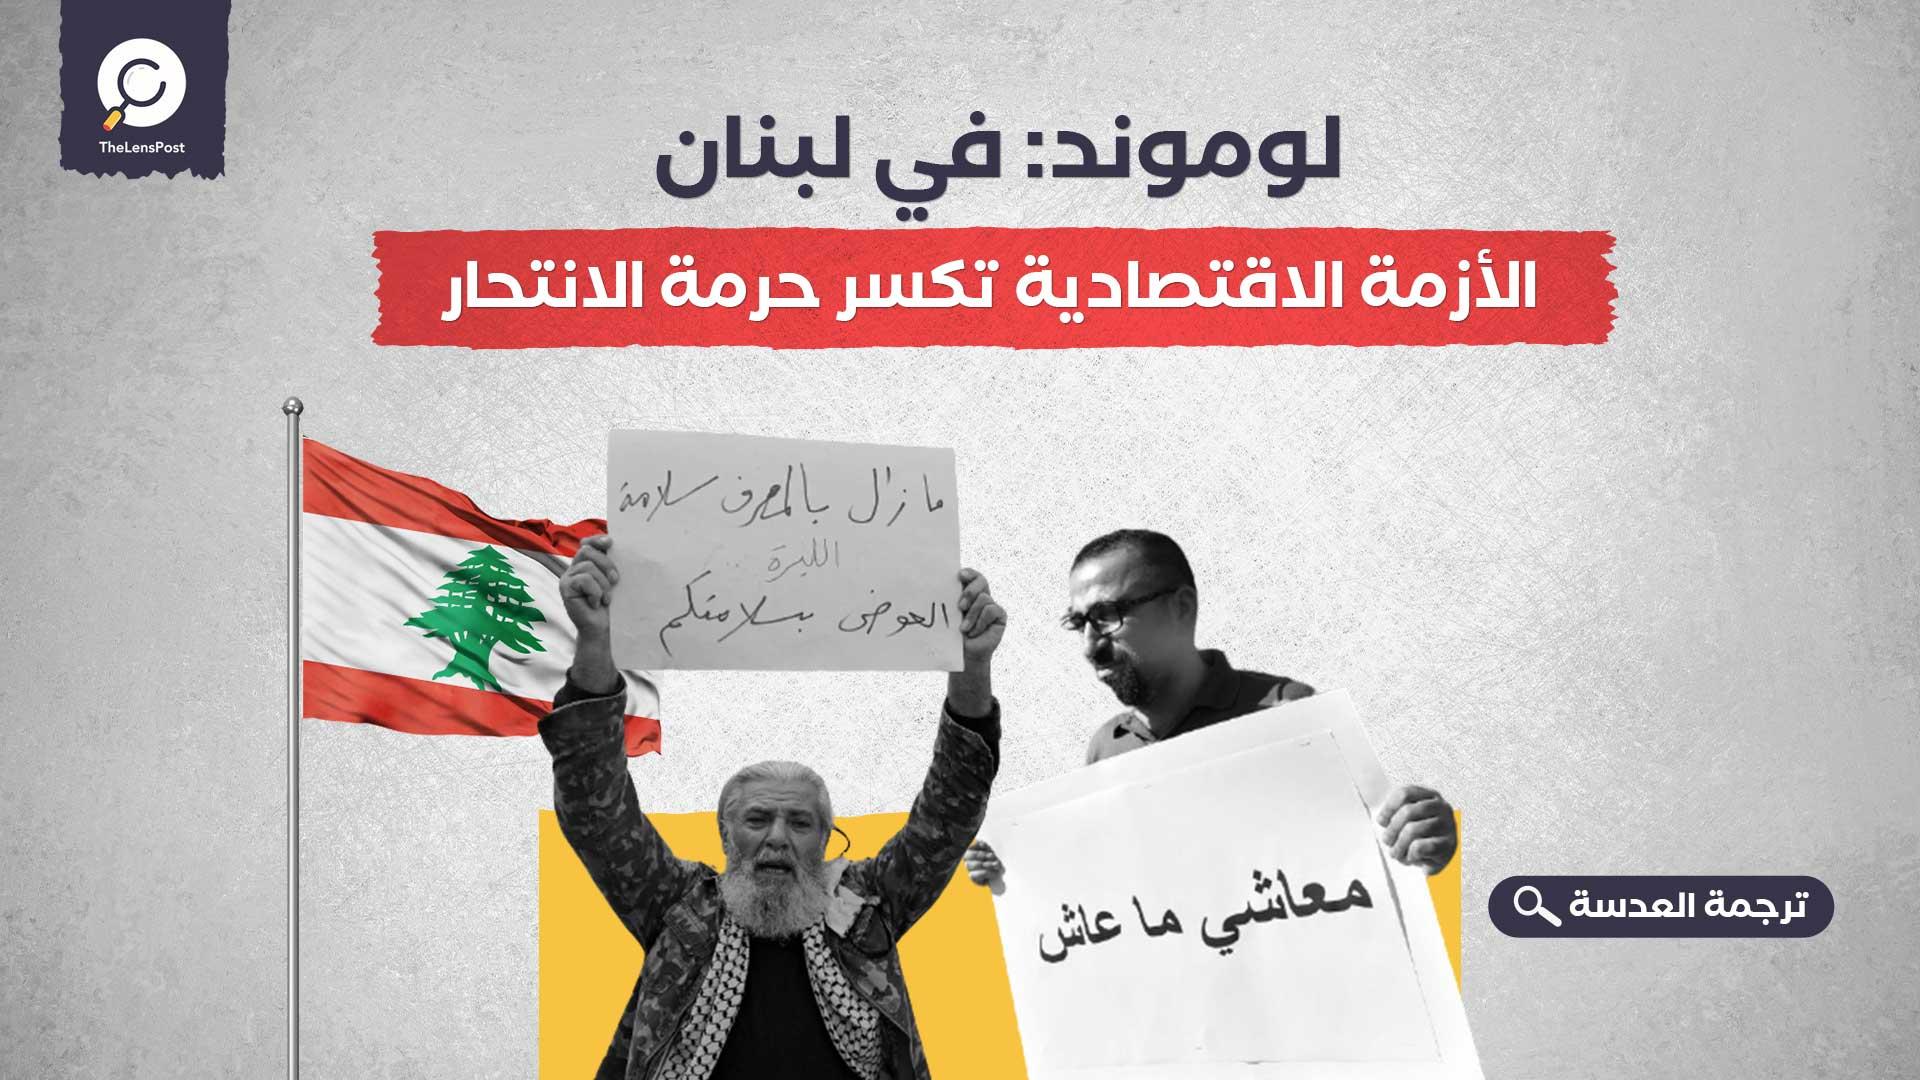 لوموند: في لبنان.. الأزمة الاقتصادية تكسر حرمة الانتحار